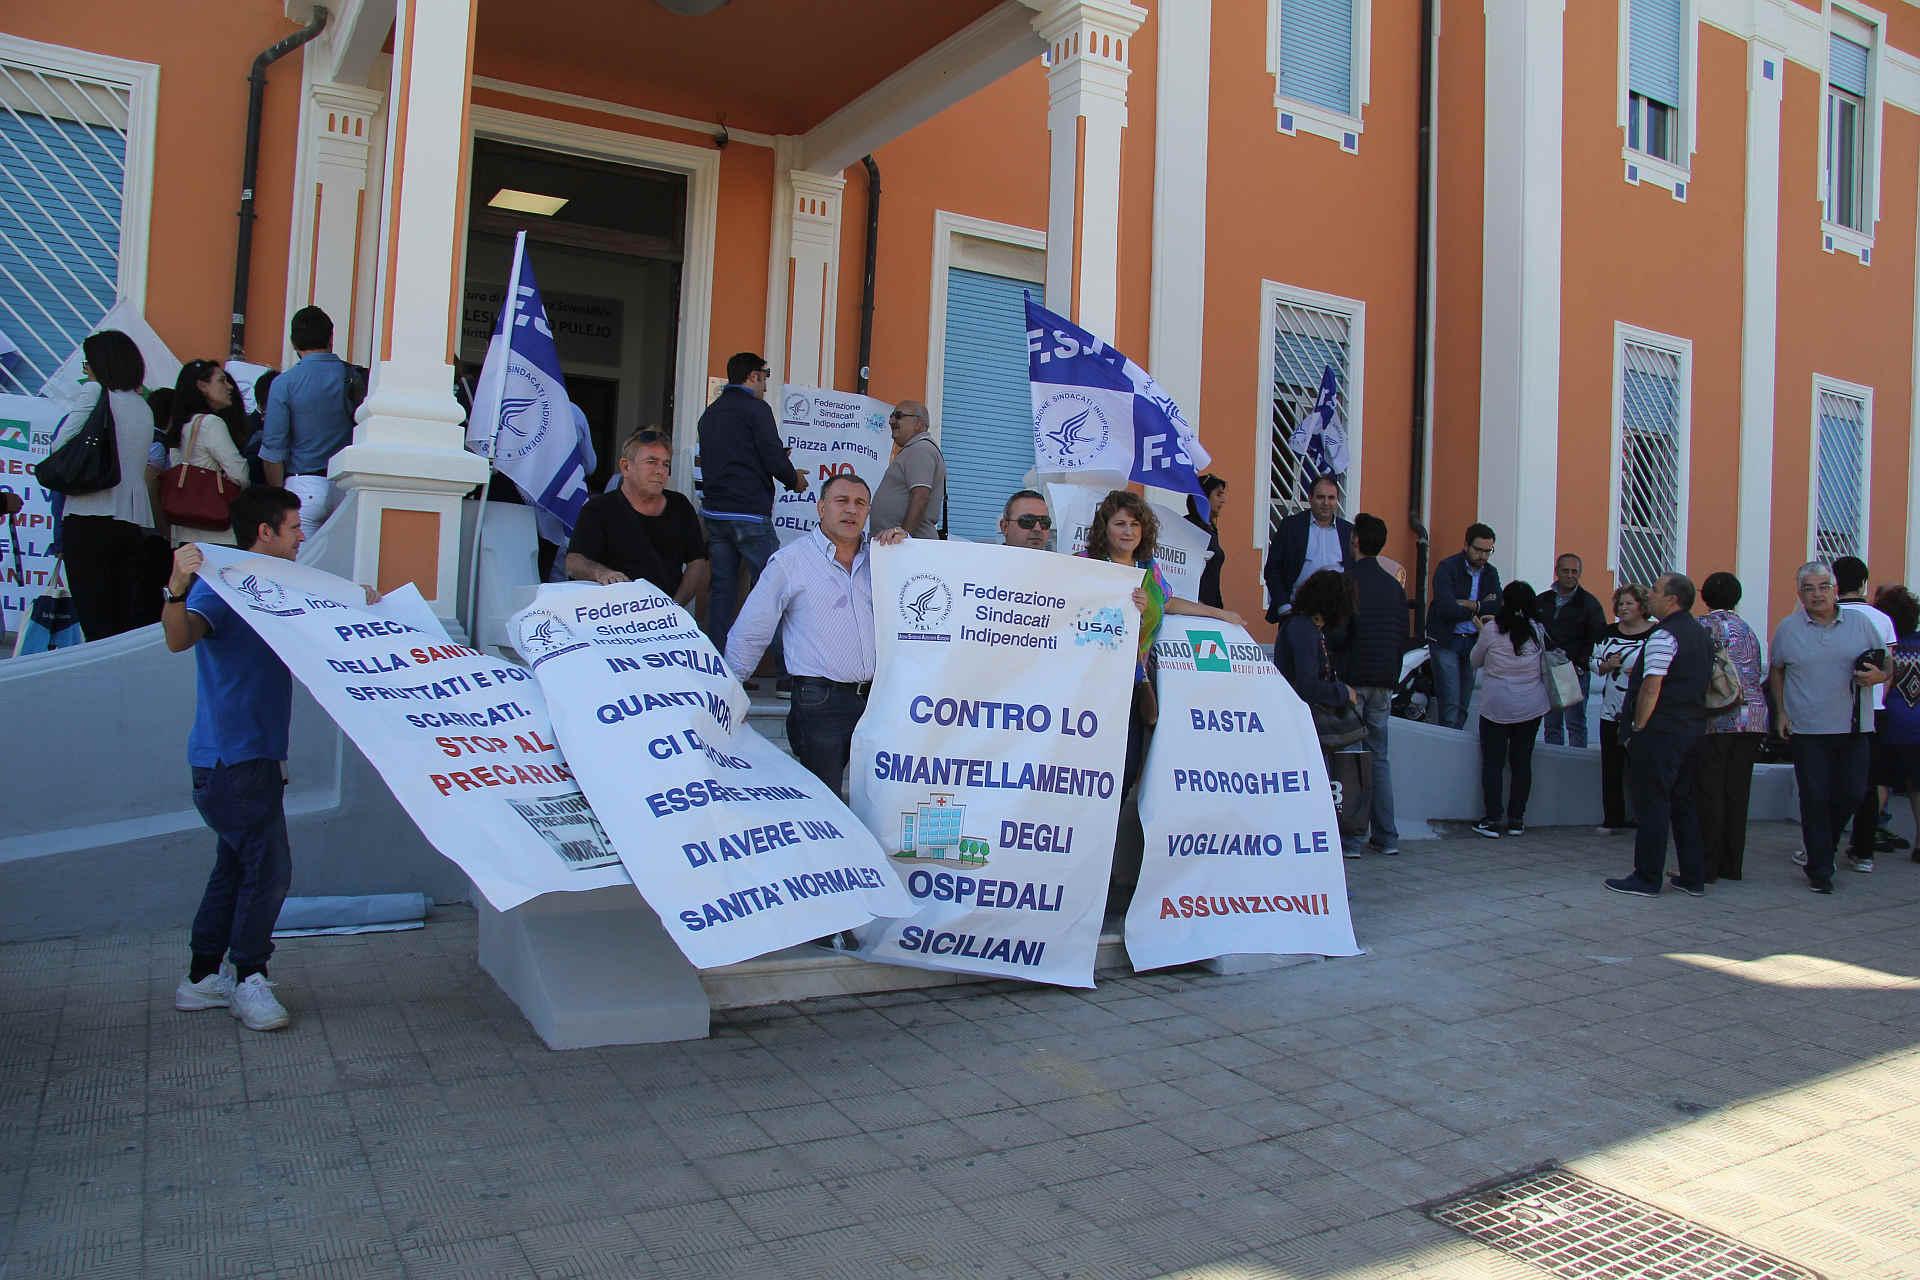 La protesta dei sindacati